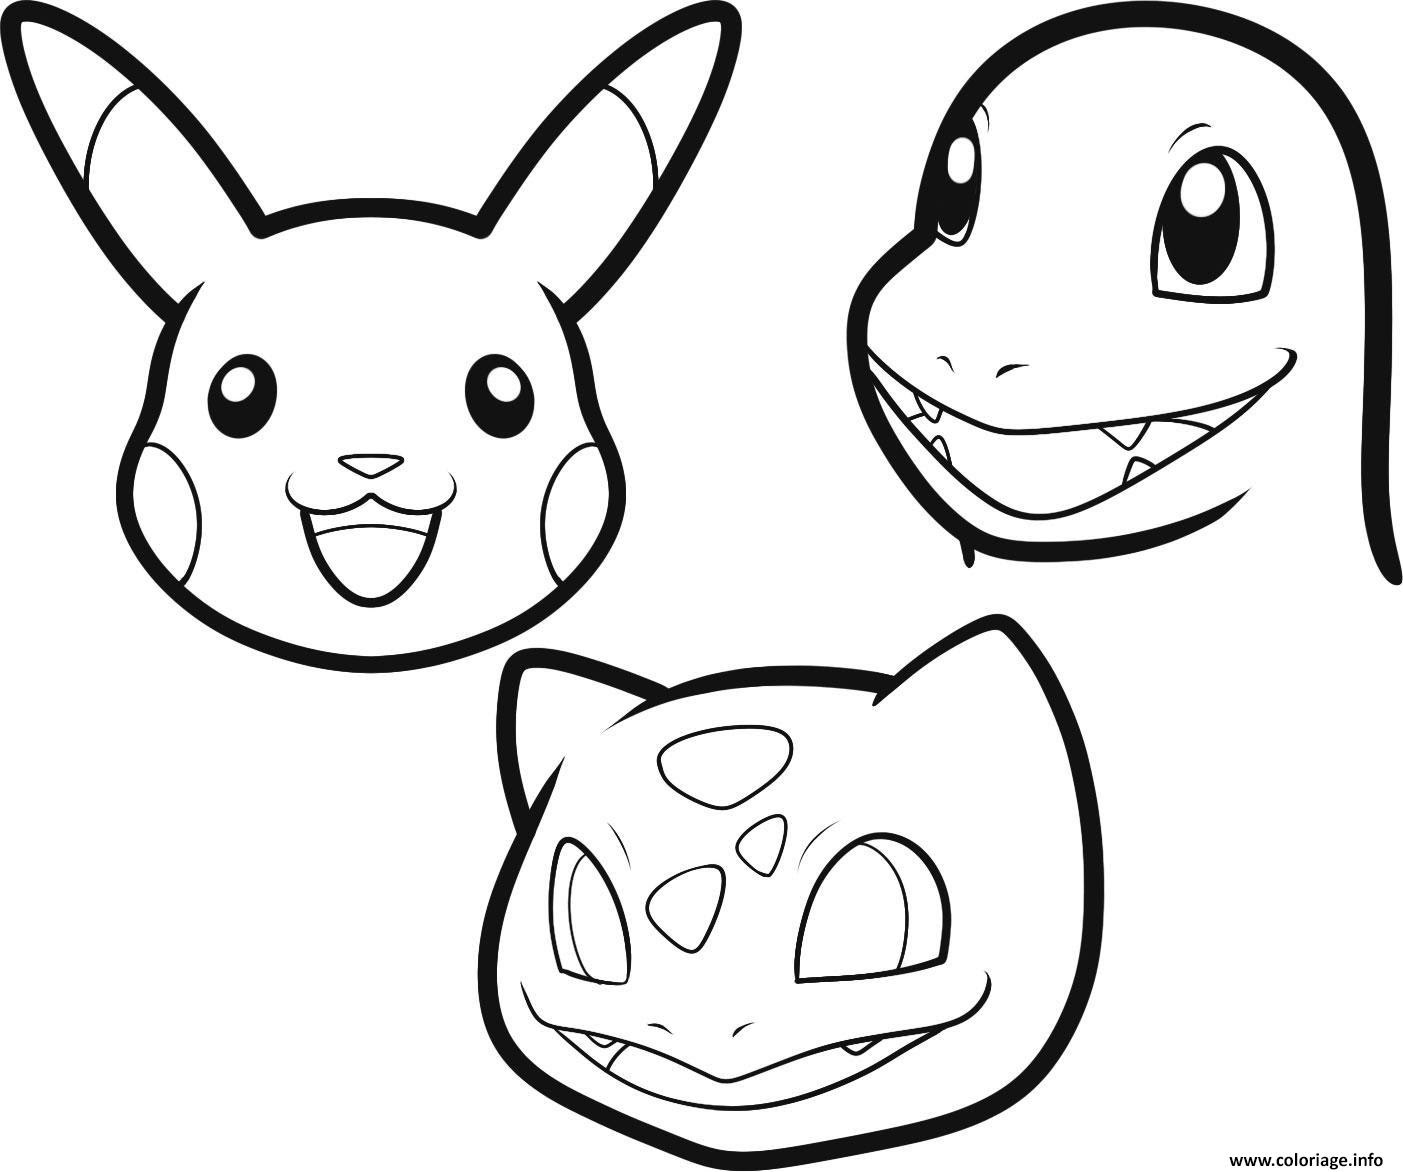 Coloriage Pokemon Facile 137 Dessin  Imprimer